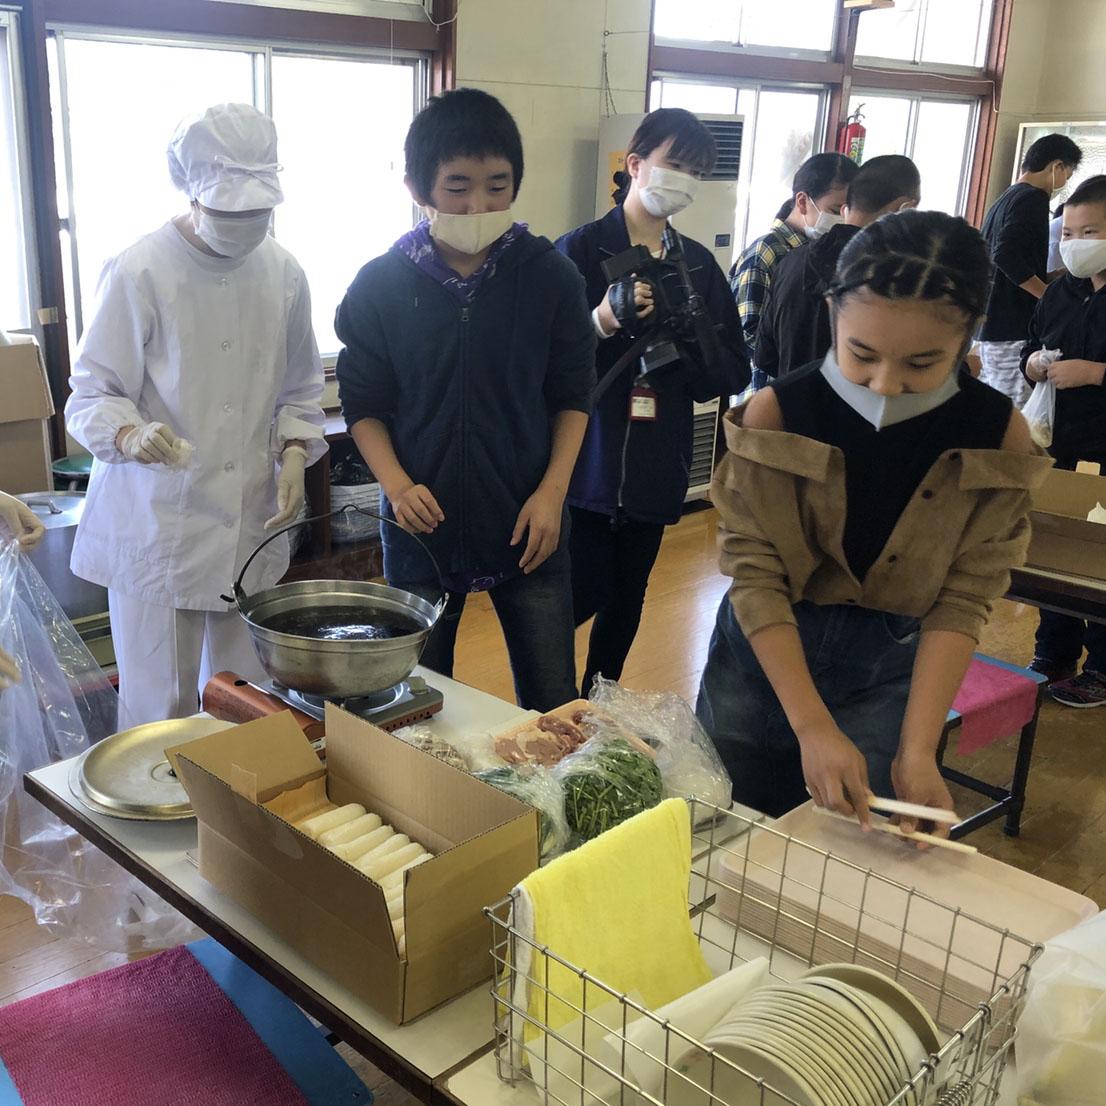 【報告】10/2(金)大館市立長木小学校のみなさんによるなべっこを開催!